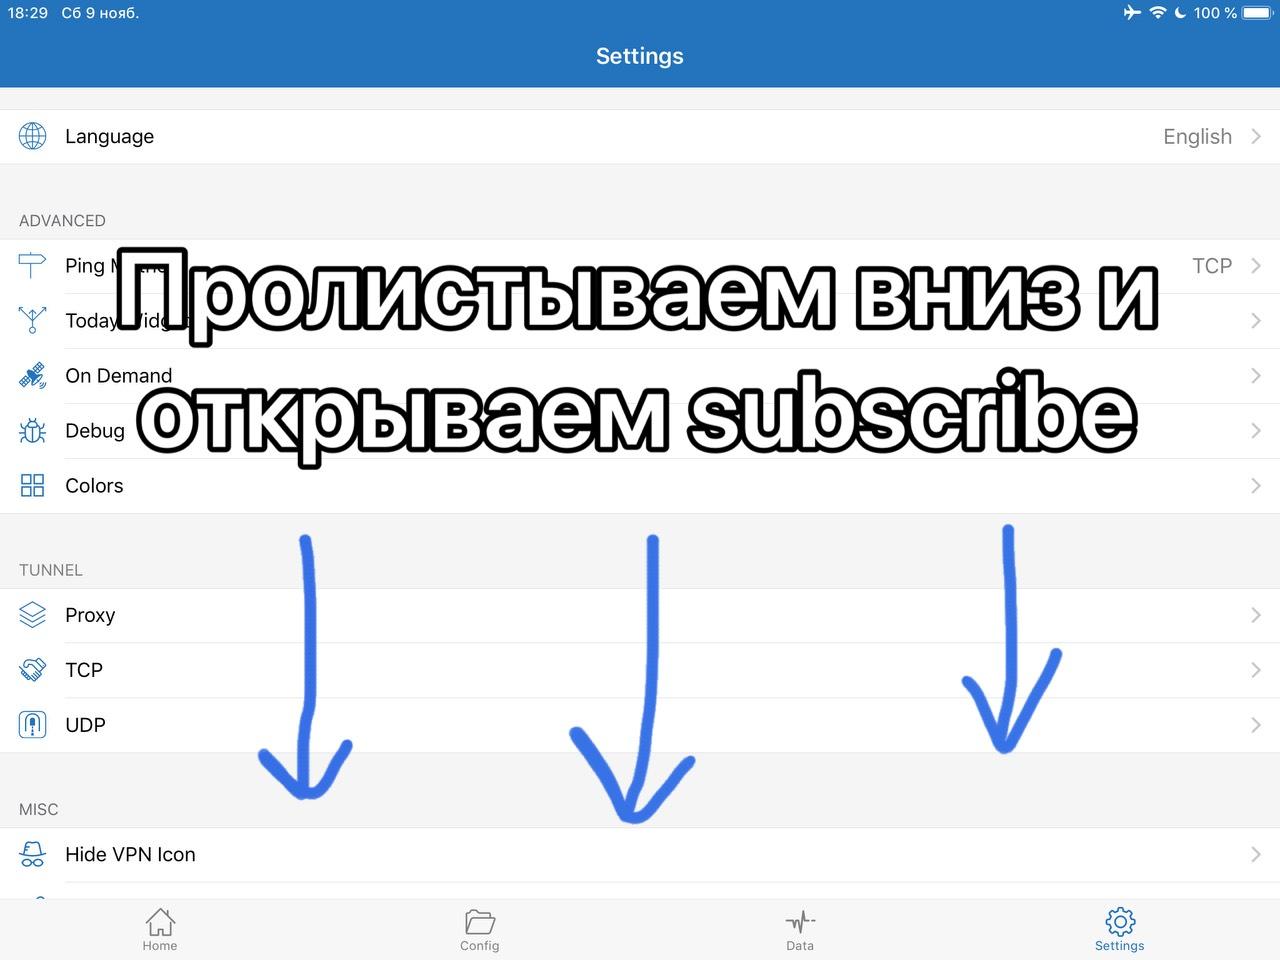 5. Пролистываем вниз и открываем Subscribe